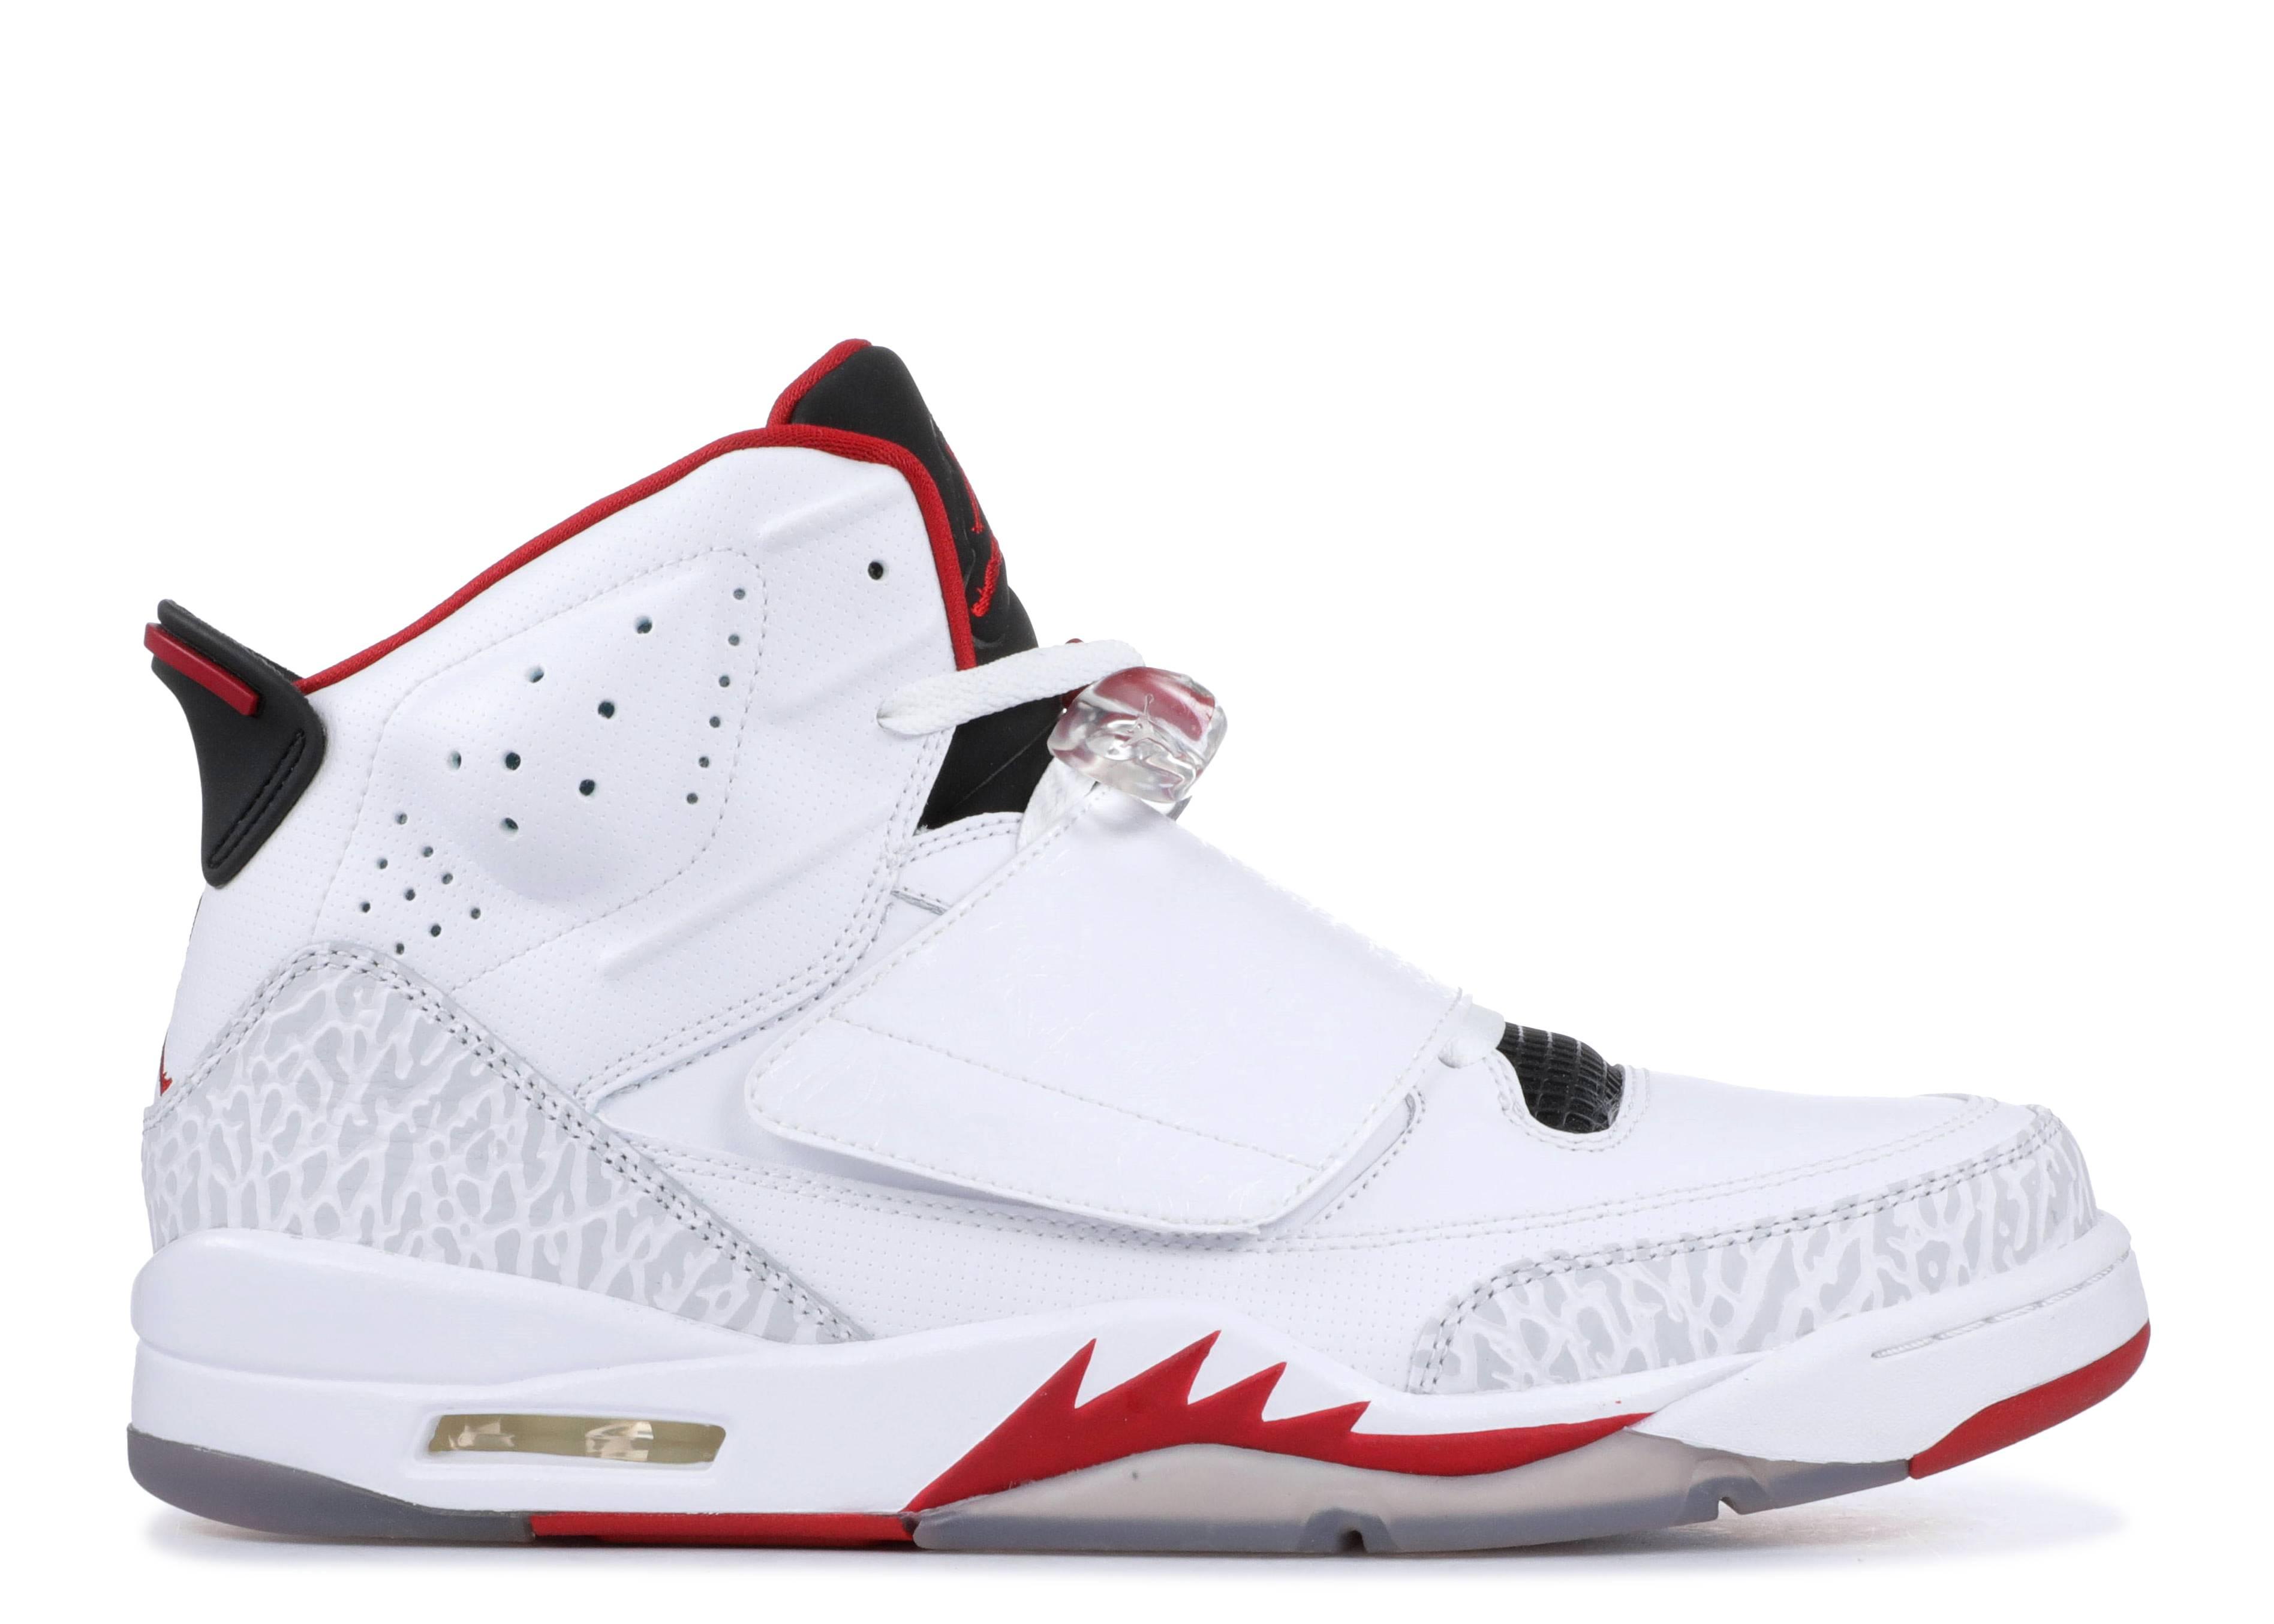 bello economico prezzo più basso stile unico Air Jordan Son Of Mars 'Fire Red'